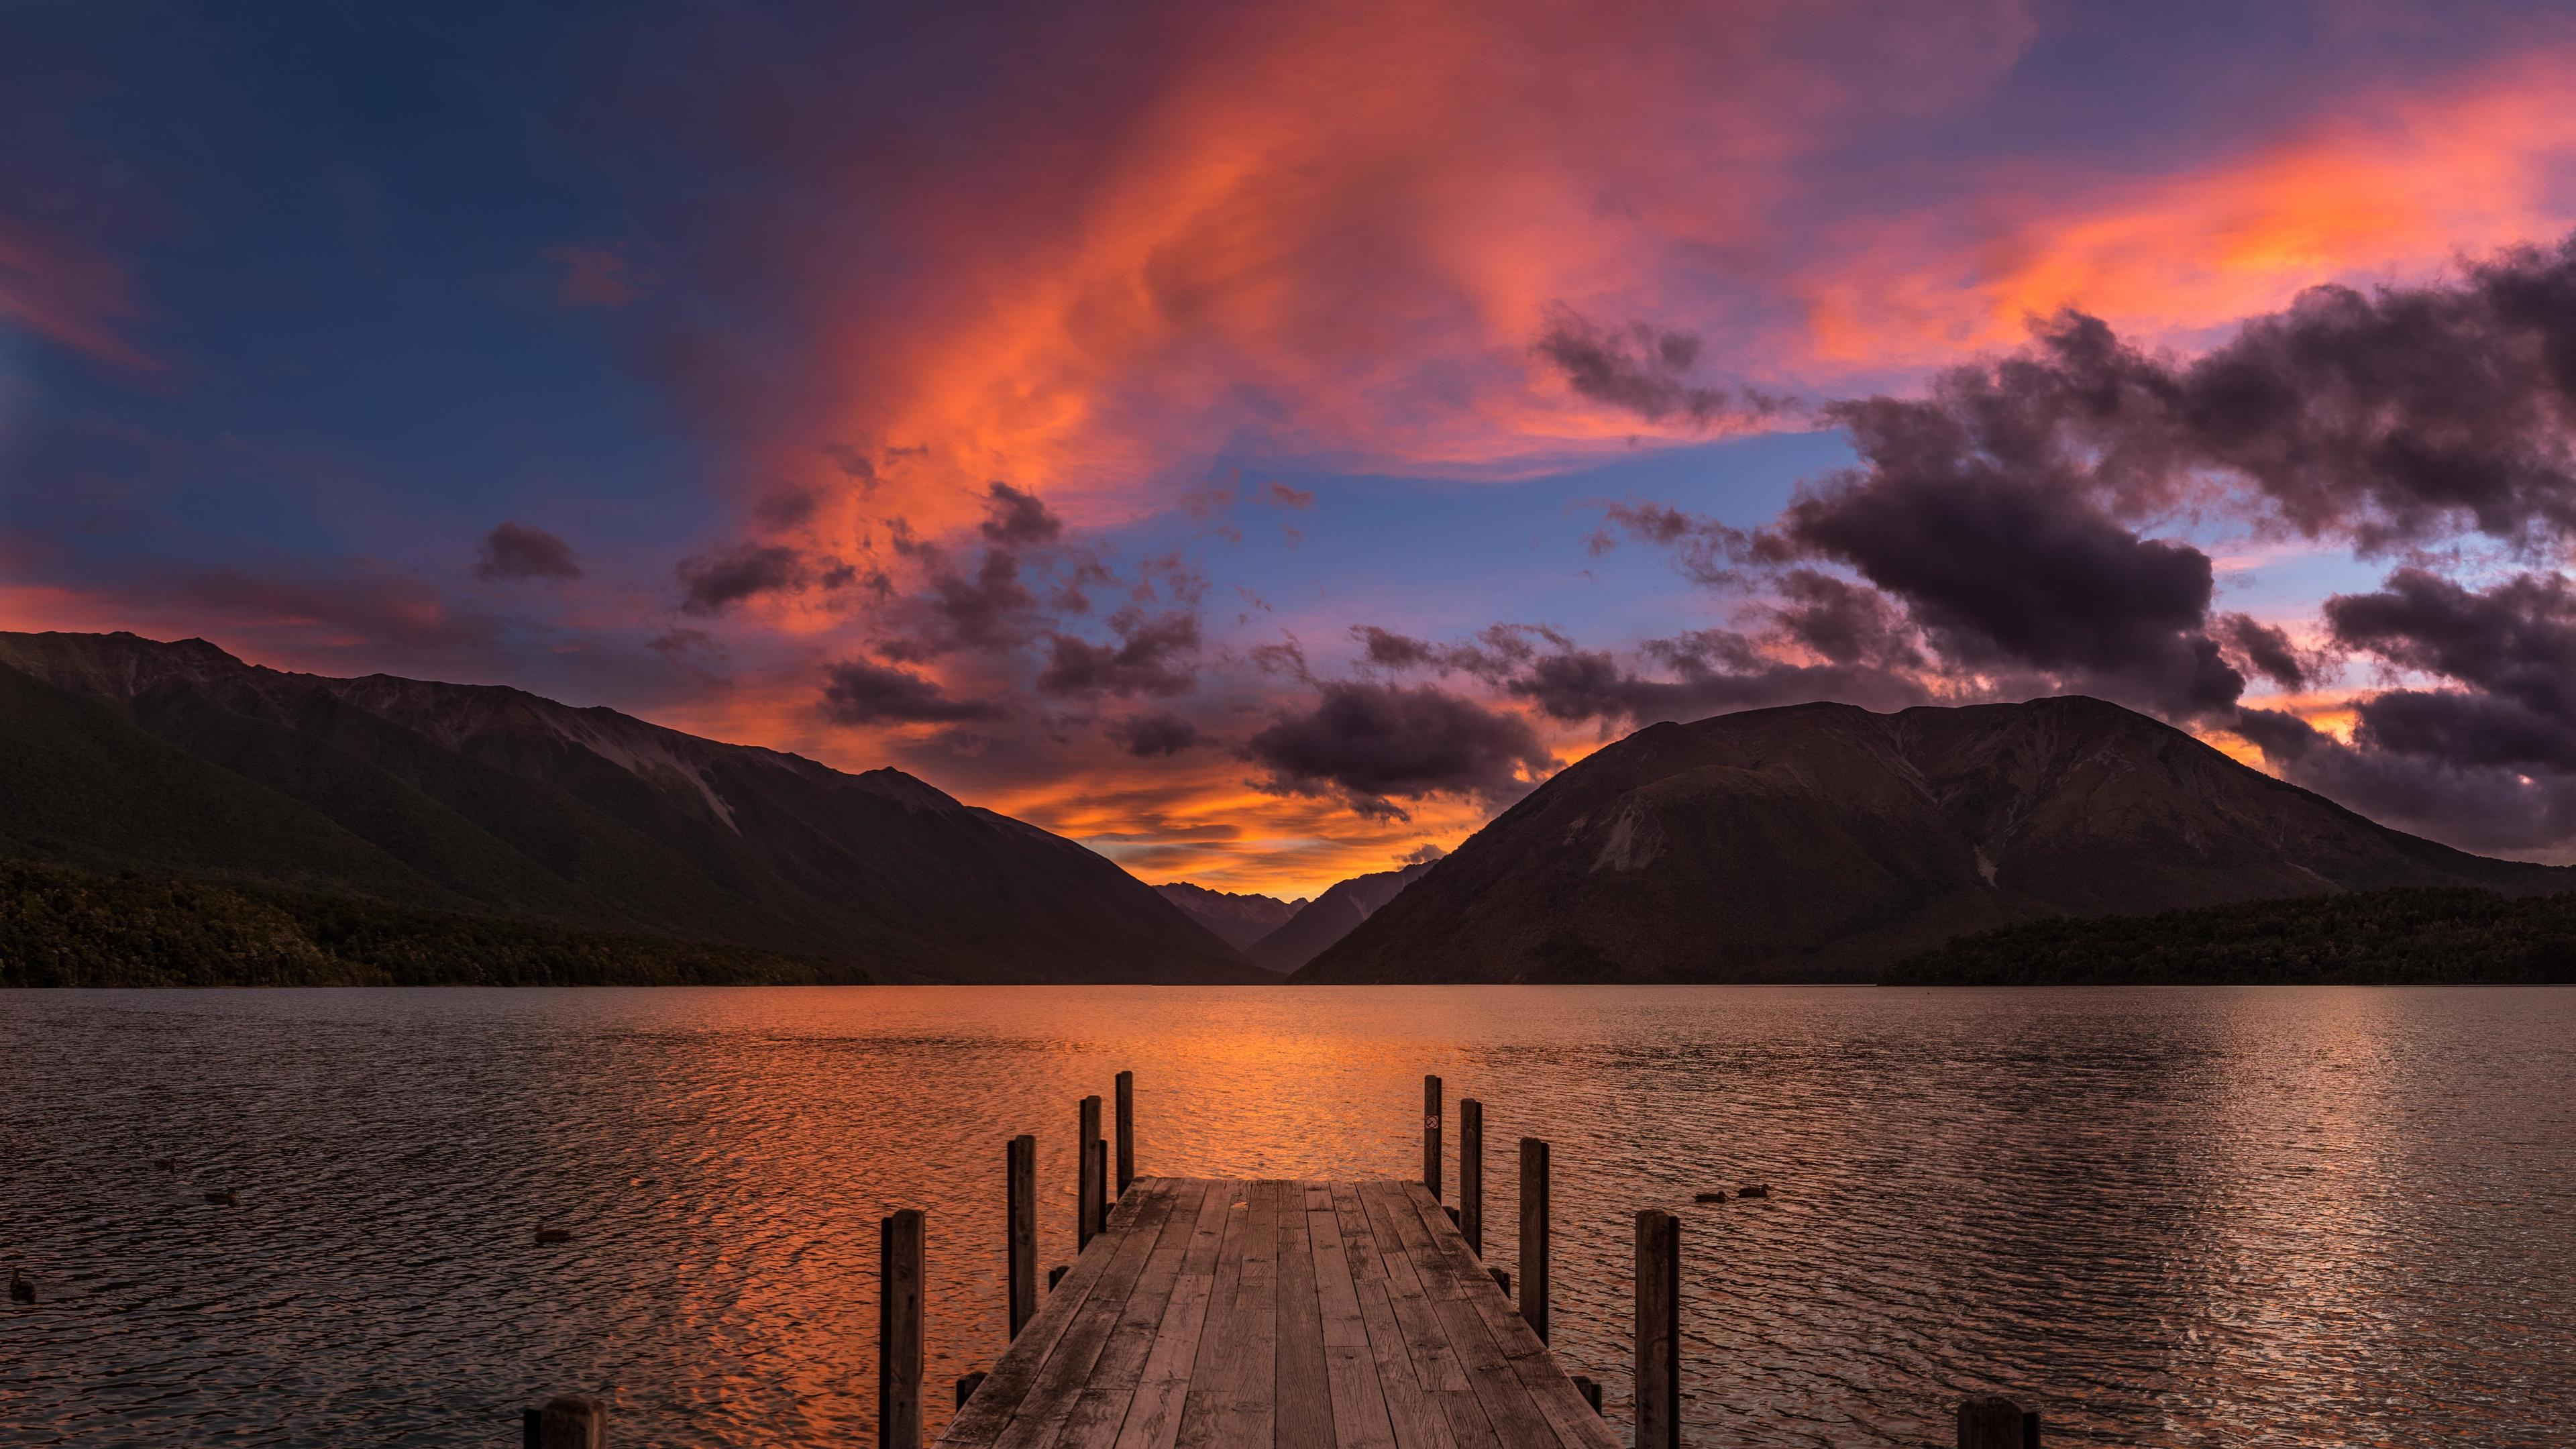 Rotoiti Lake New Zealand 4k new zealand wallpapers, nature ...